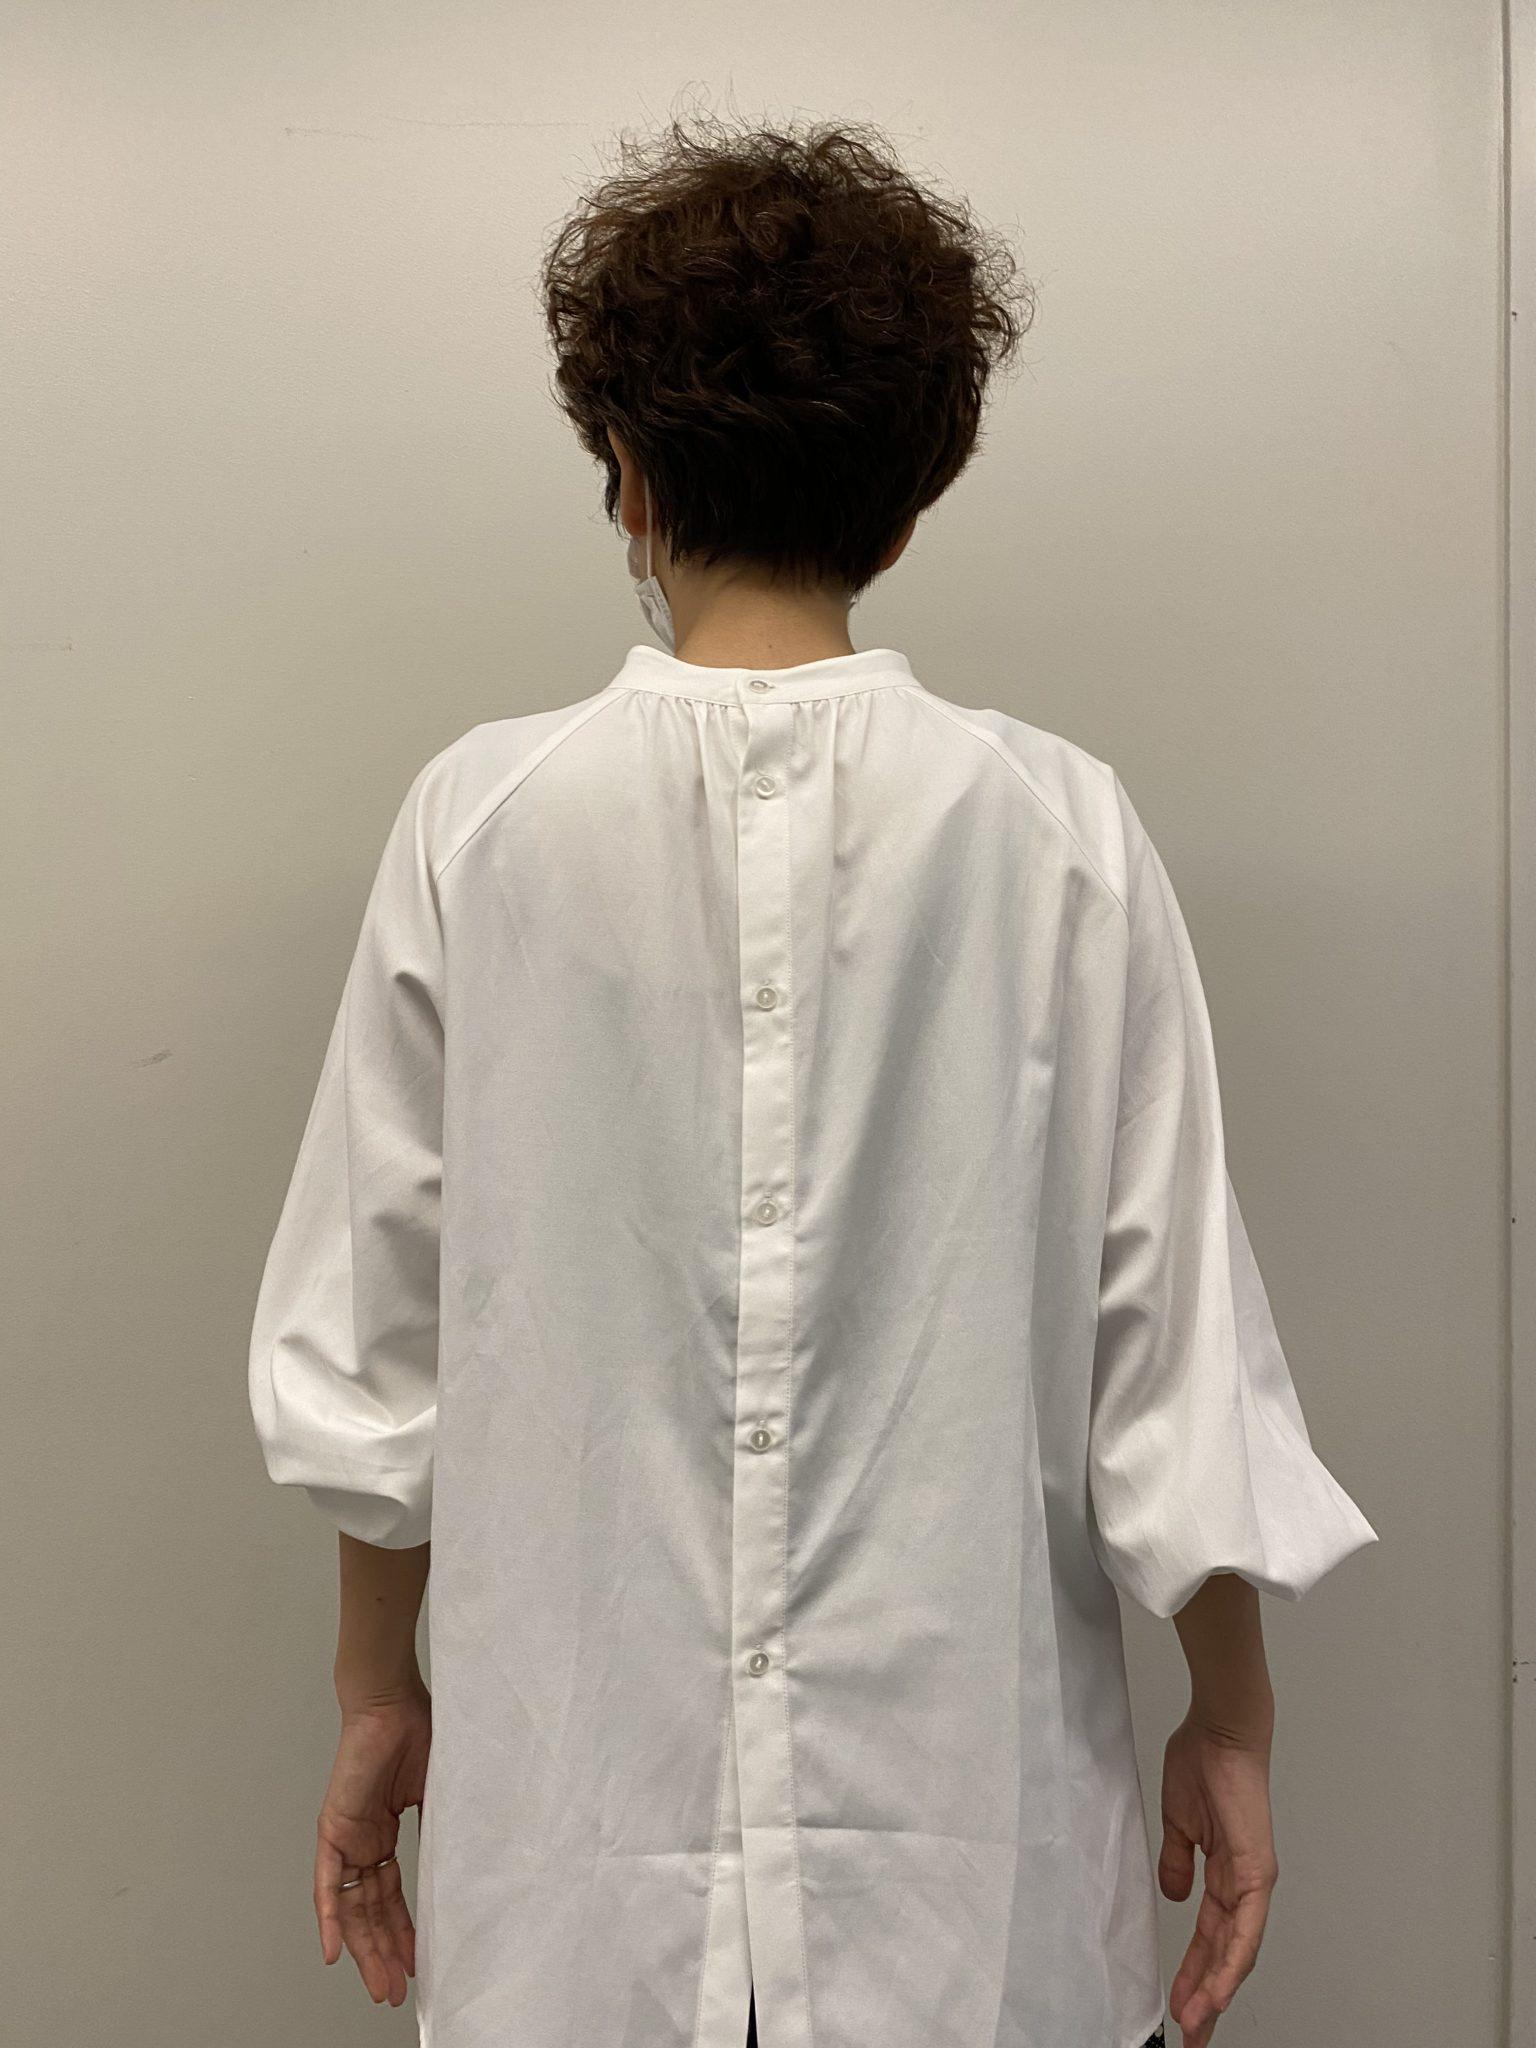 フェリシモ汚れがつきにくい、UVカットの白ドレスシャツ5